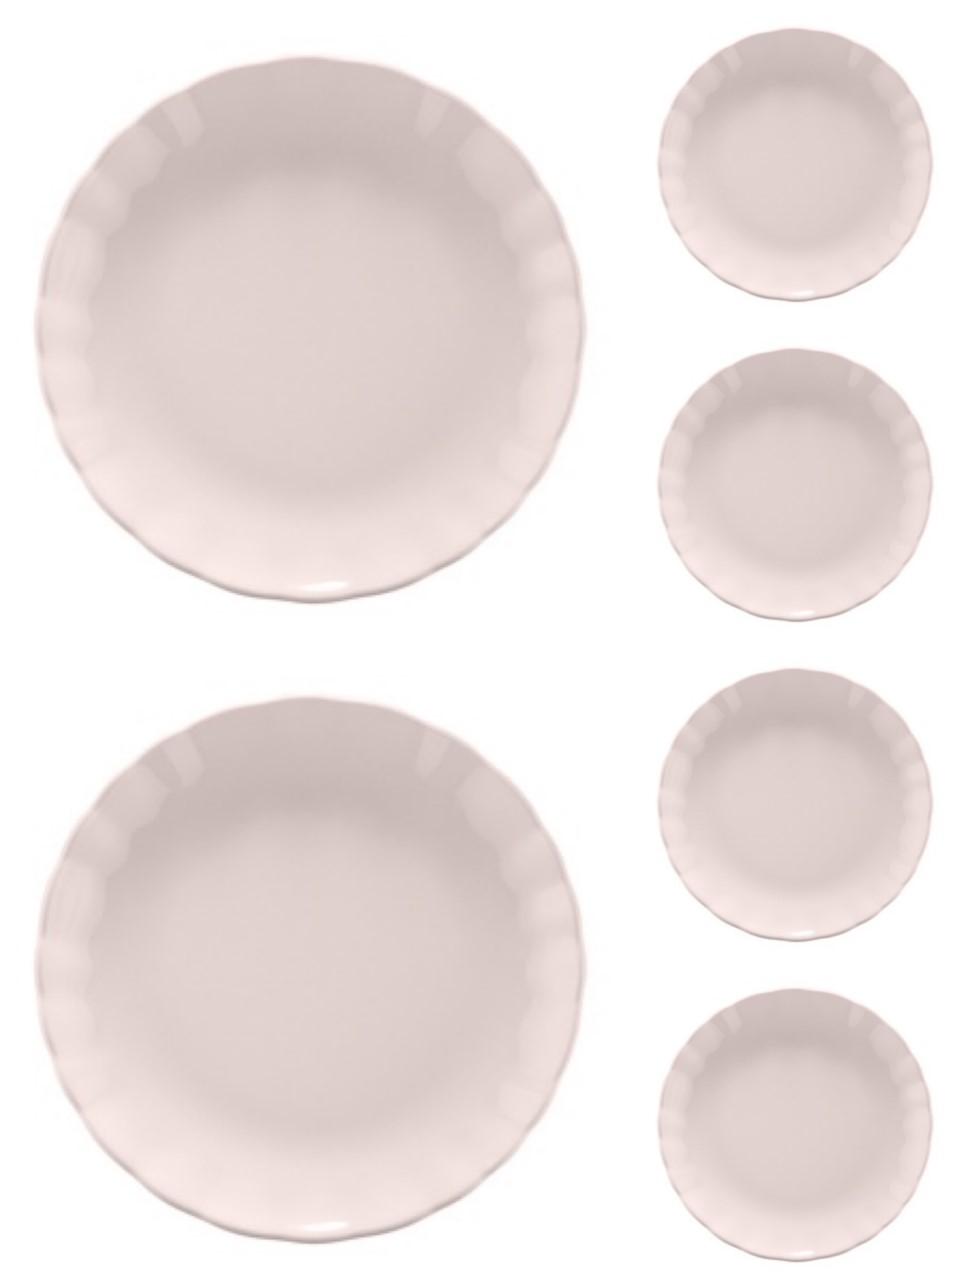 Jogo 6 pratos 19 cm para sobremesa de cerâmica Bergama Lilac  Wolff - 17524